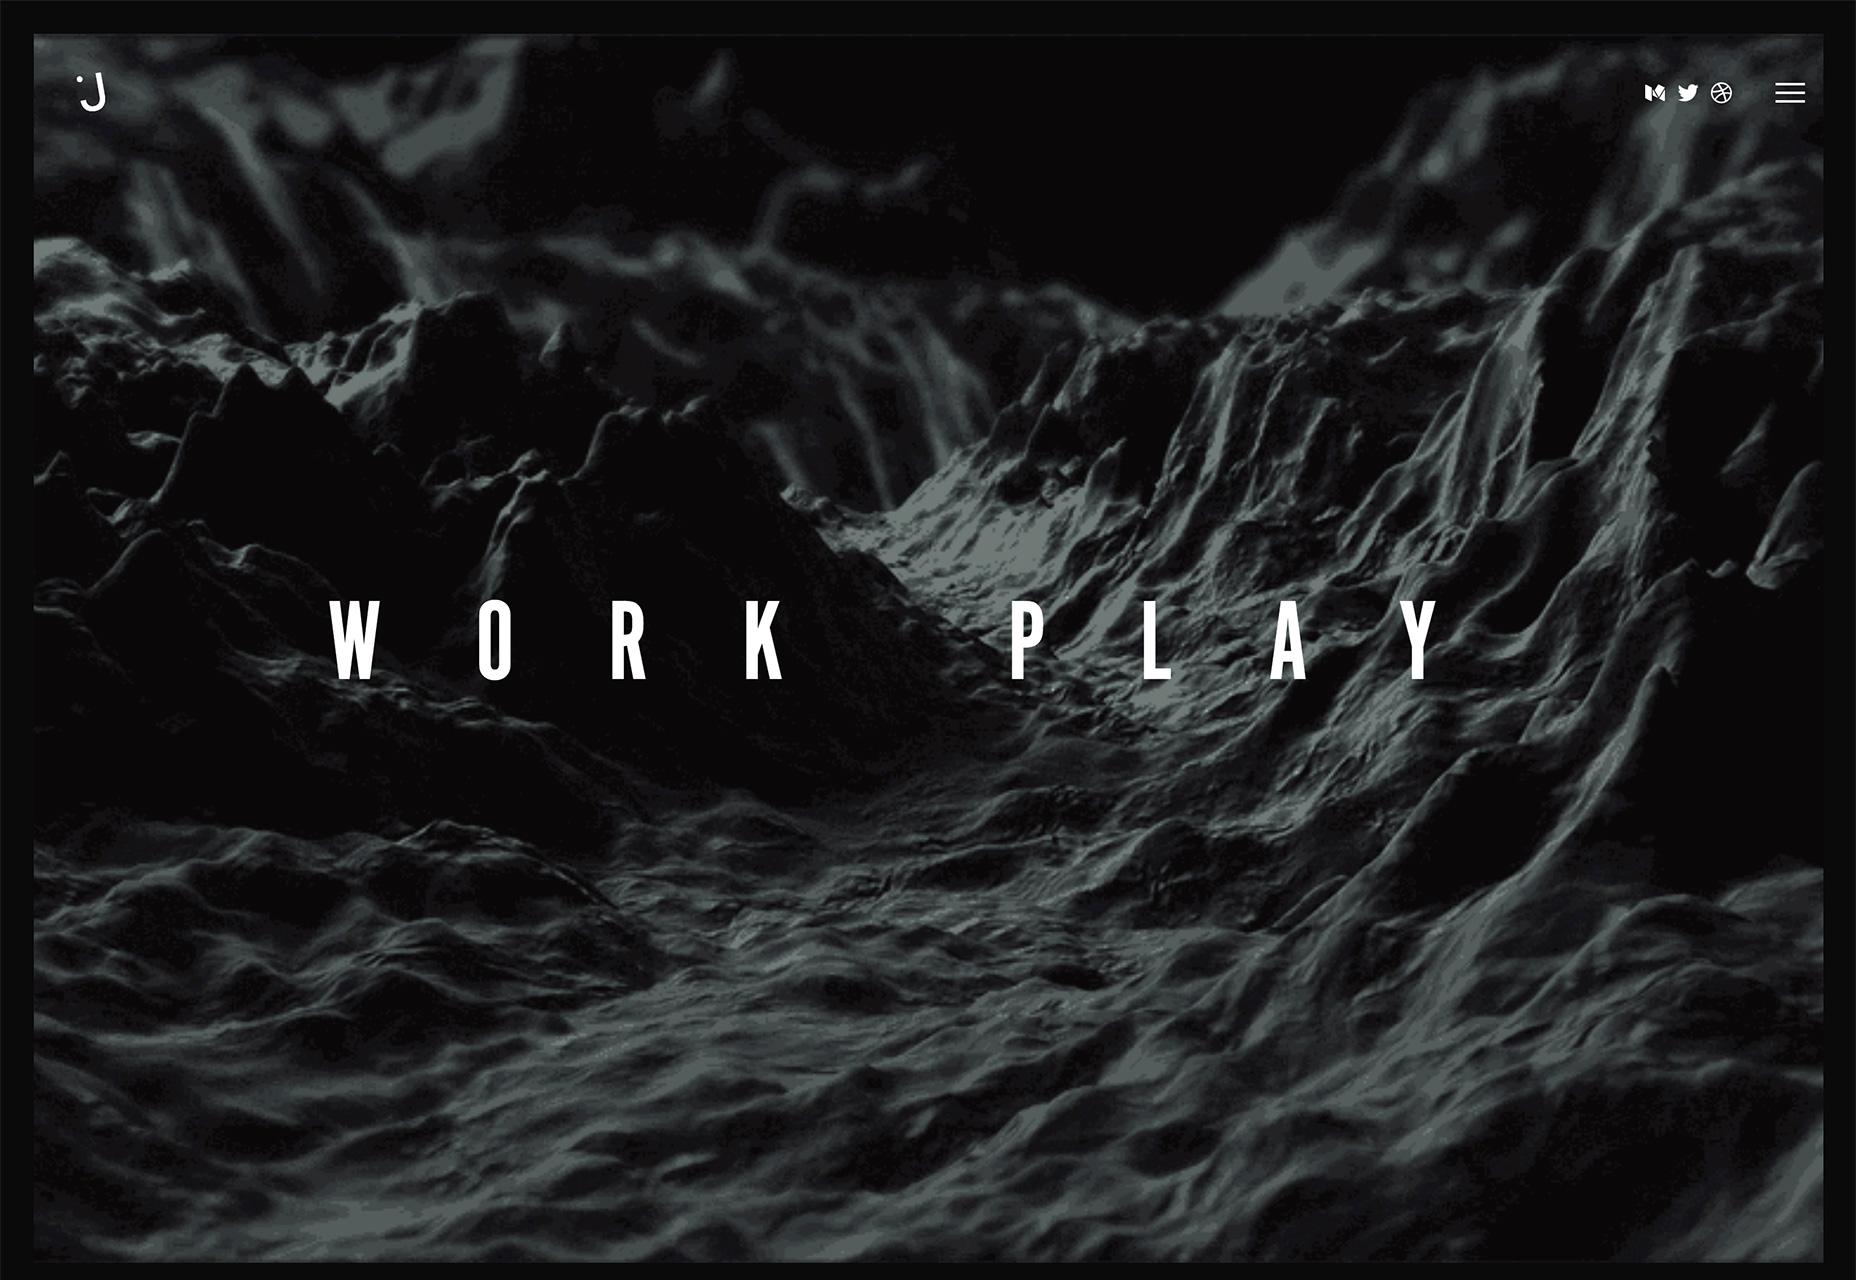 trabajo-juego